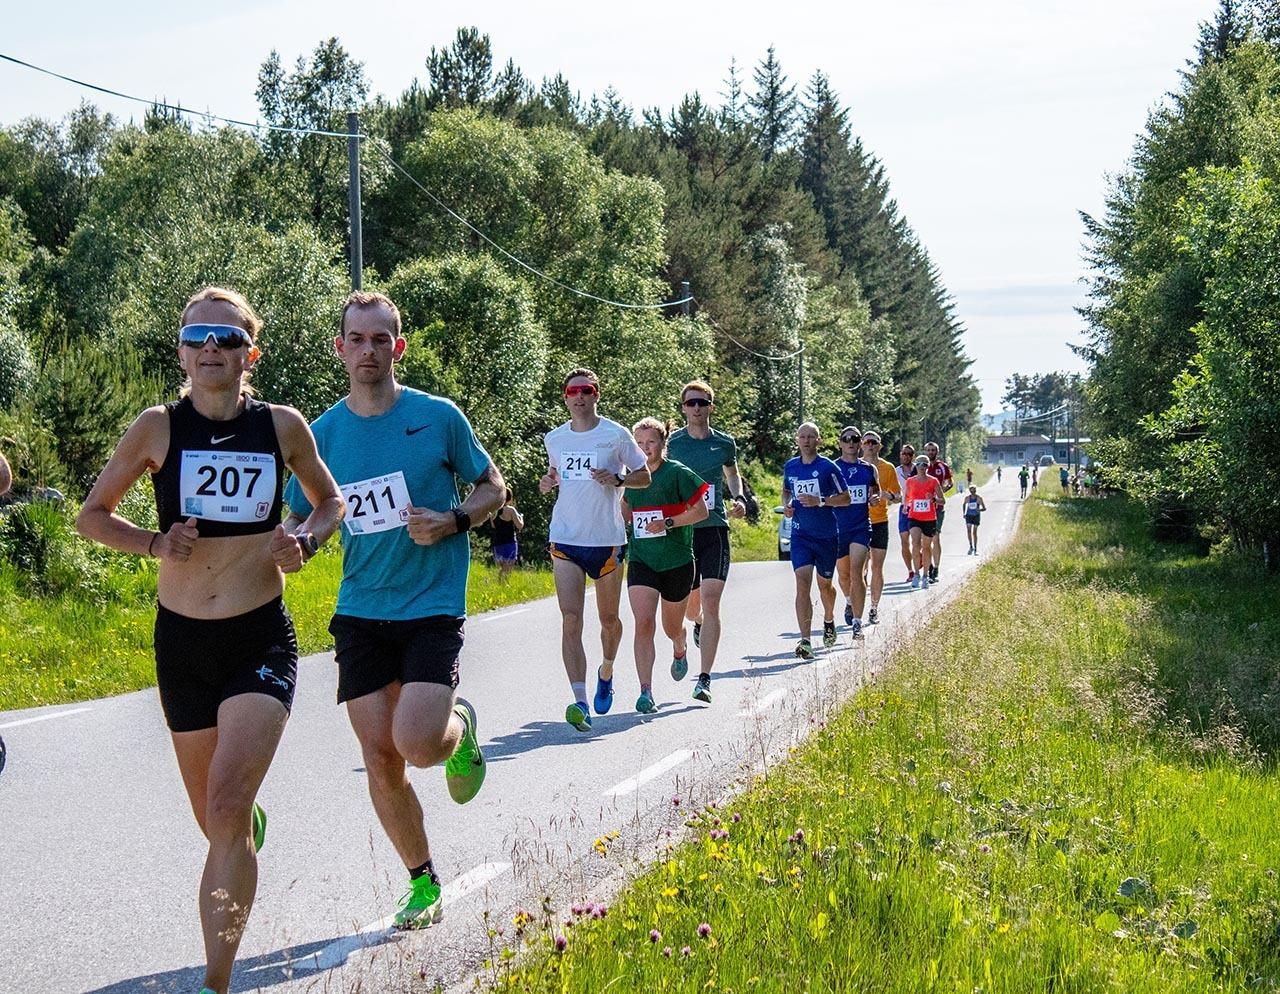 10km_kvinner_Run_Hustadvika.jpg